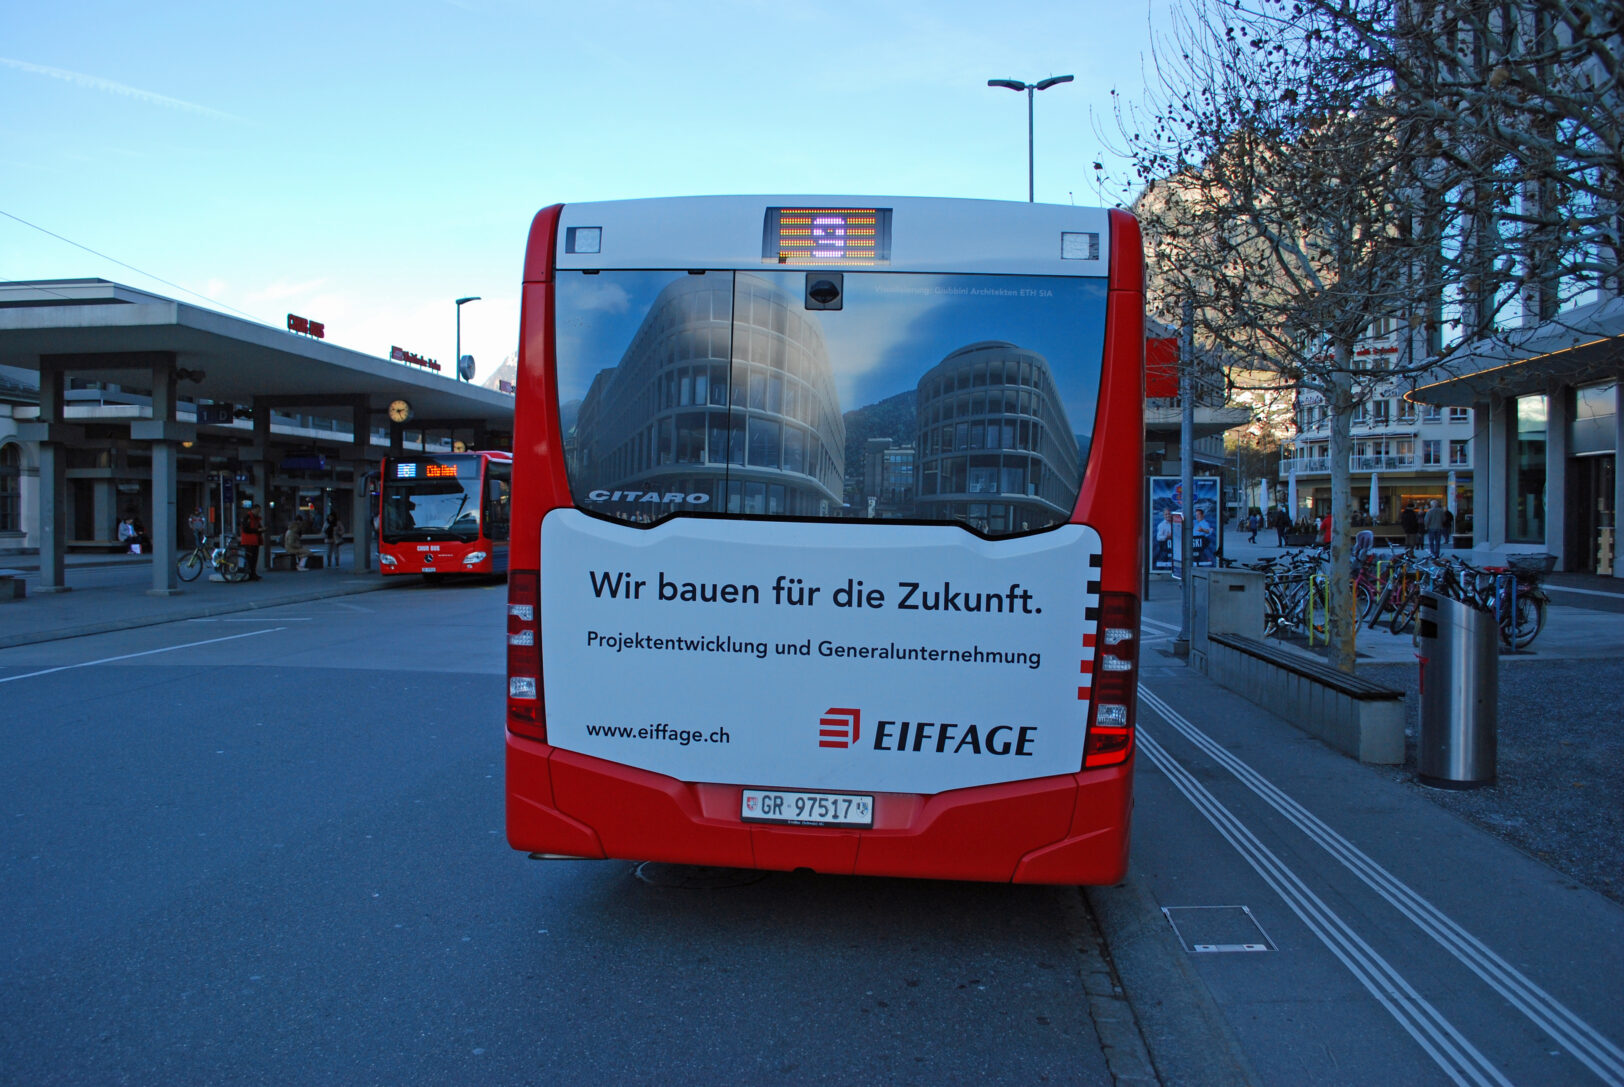 Beschriftung Ganzheck Steinbock Center, Eiffage AG